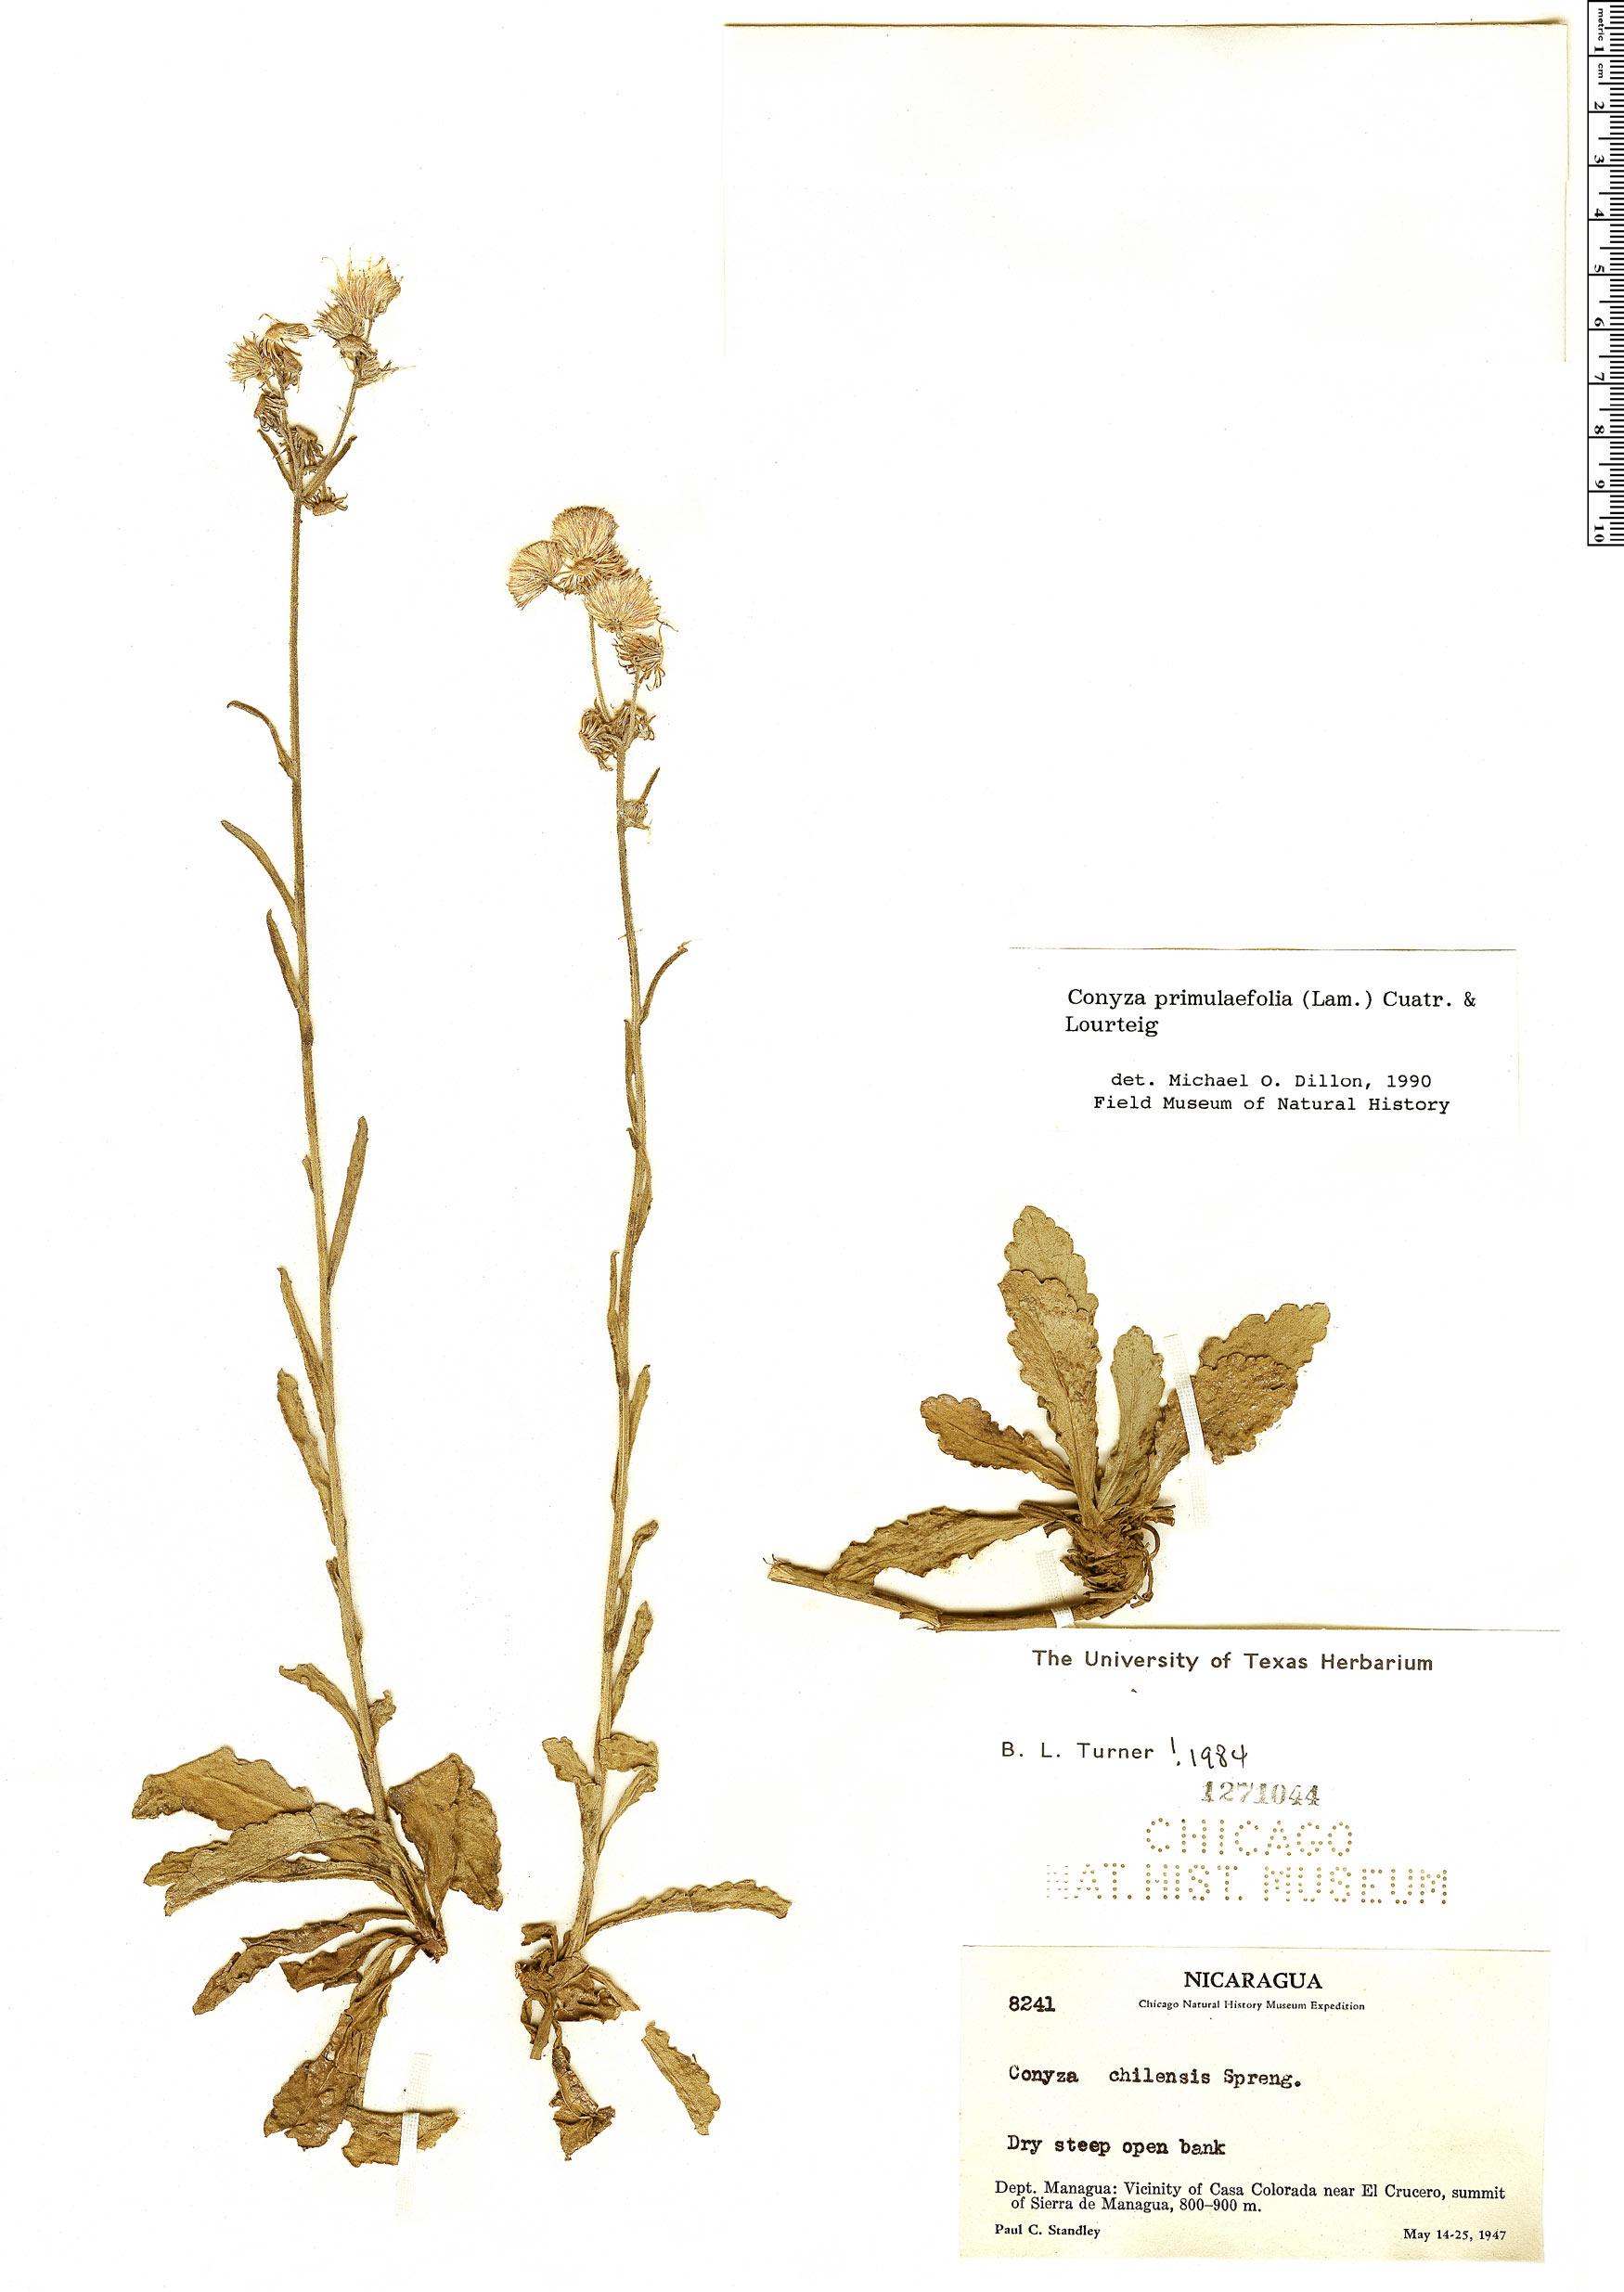 Specimen: Conyza primulifolia